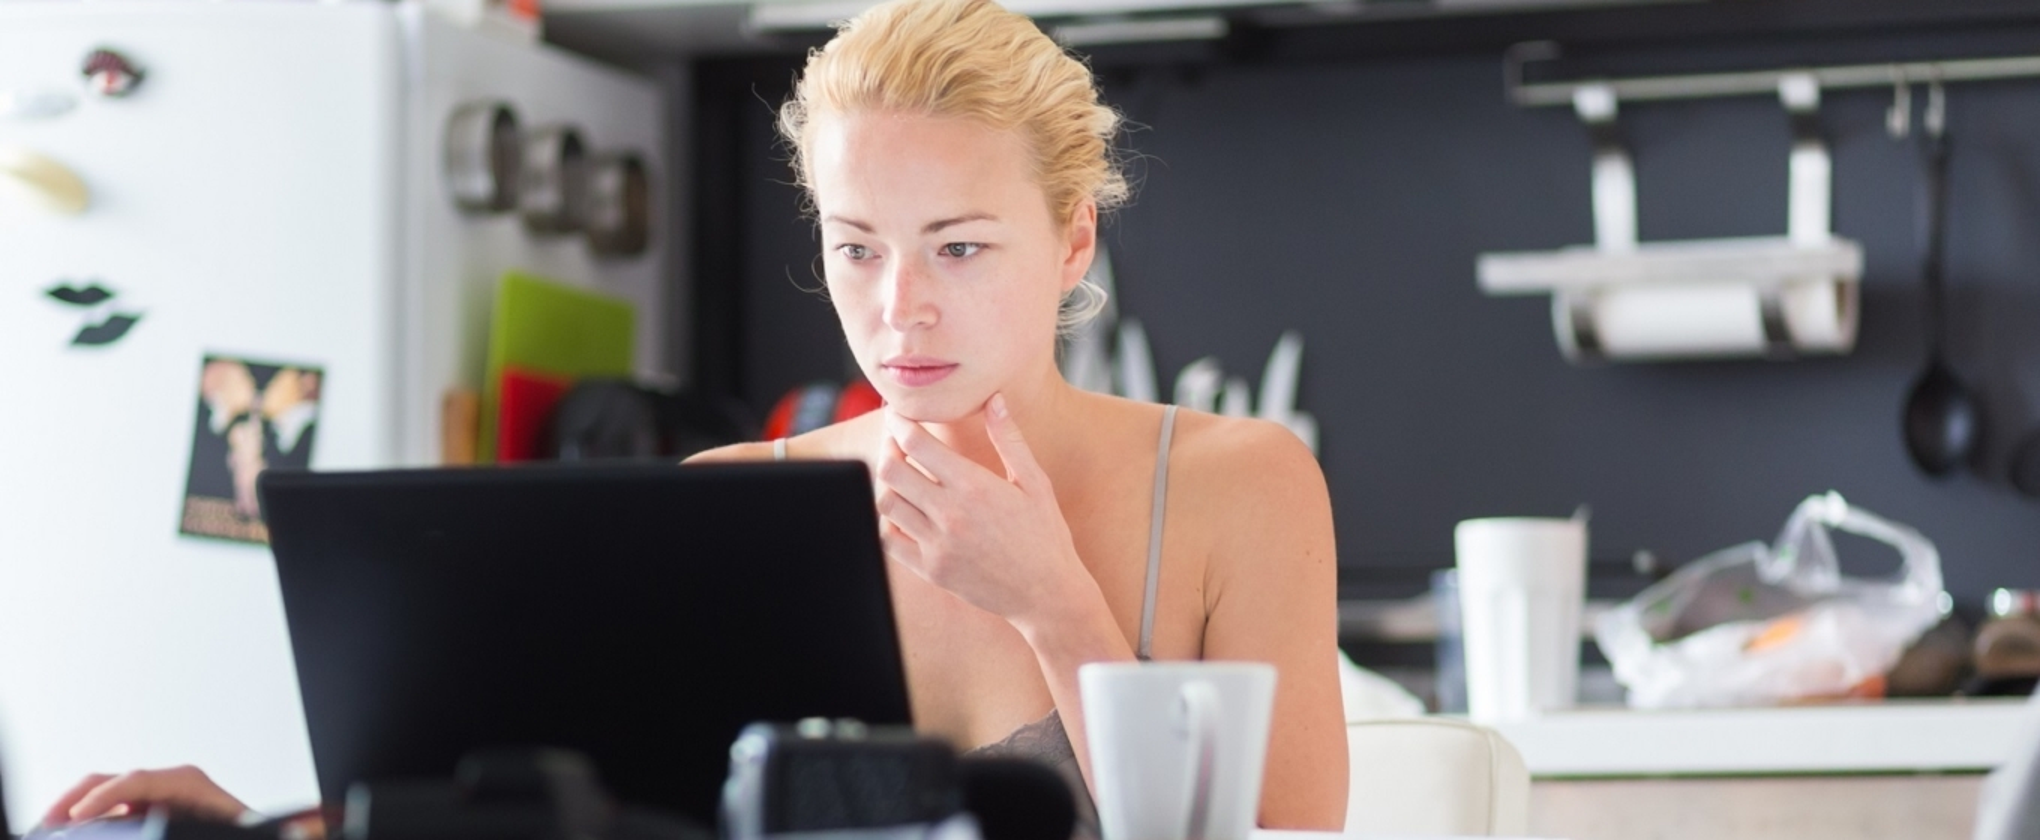 Should You Drop Bad Customers?